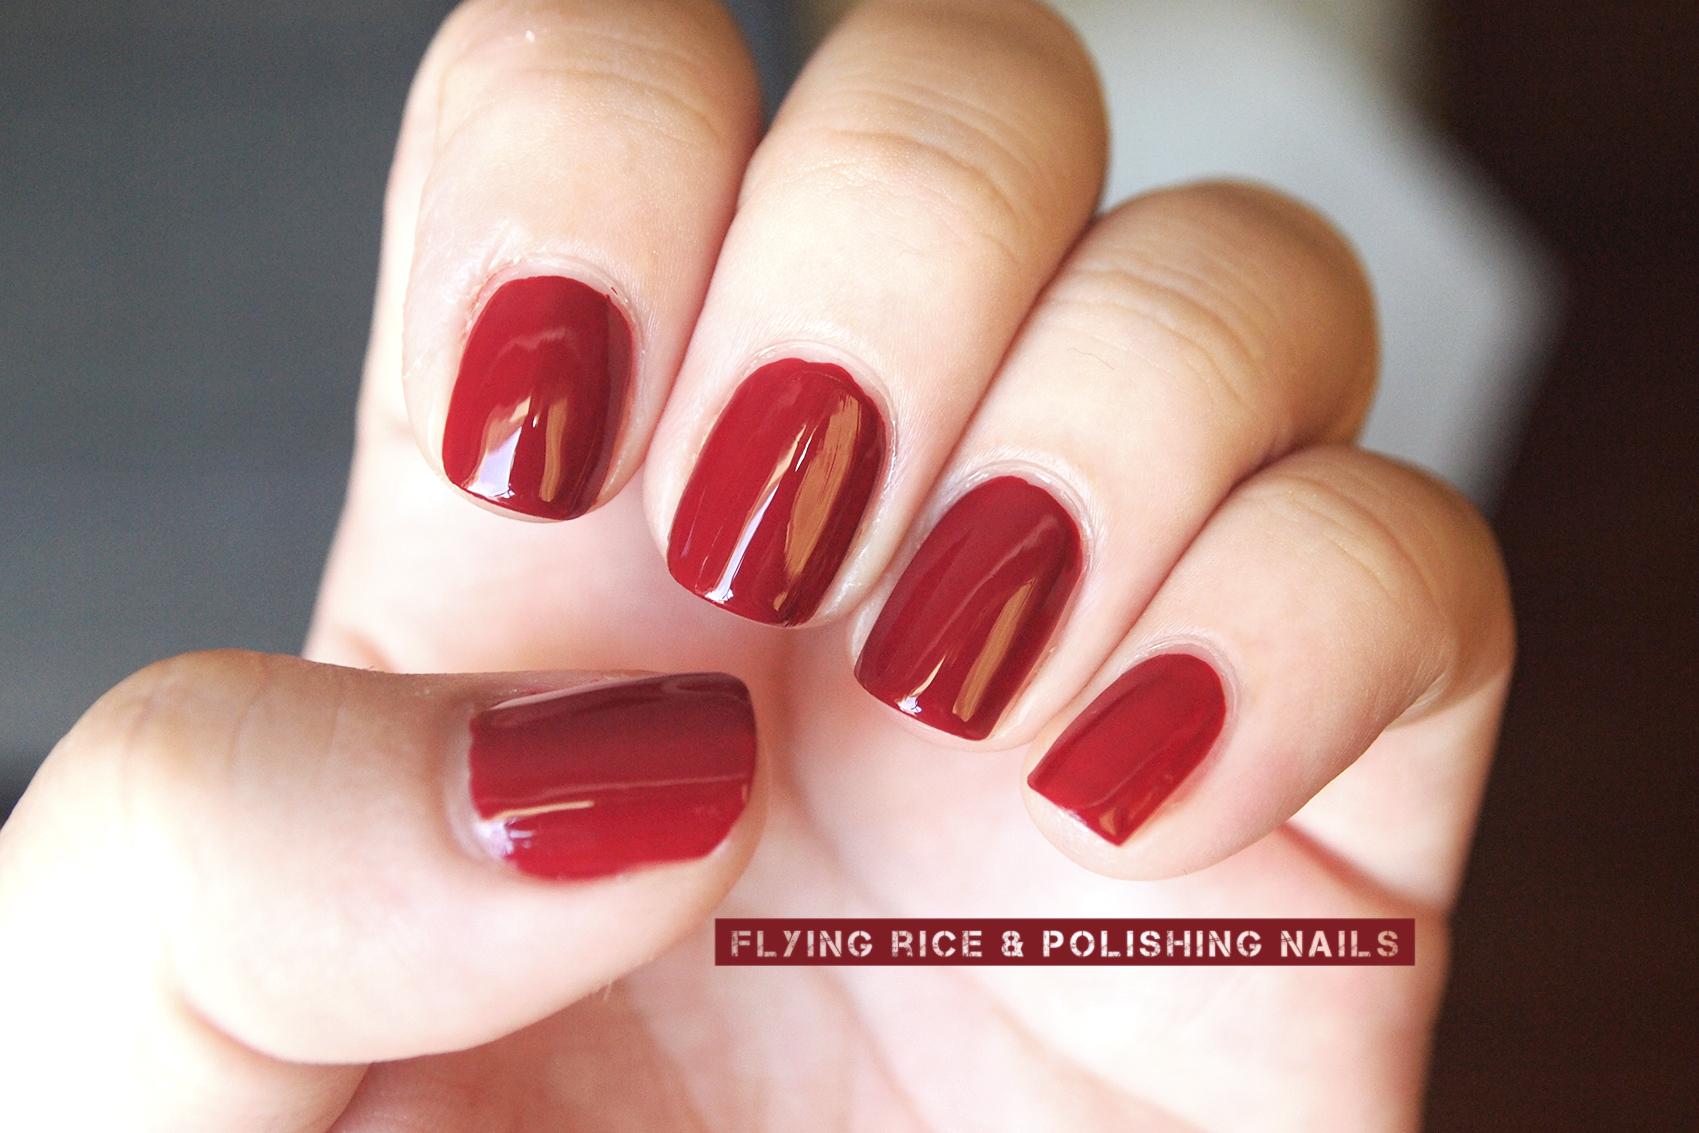 scented nail polish | flying rice & polishing nails